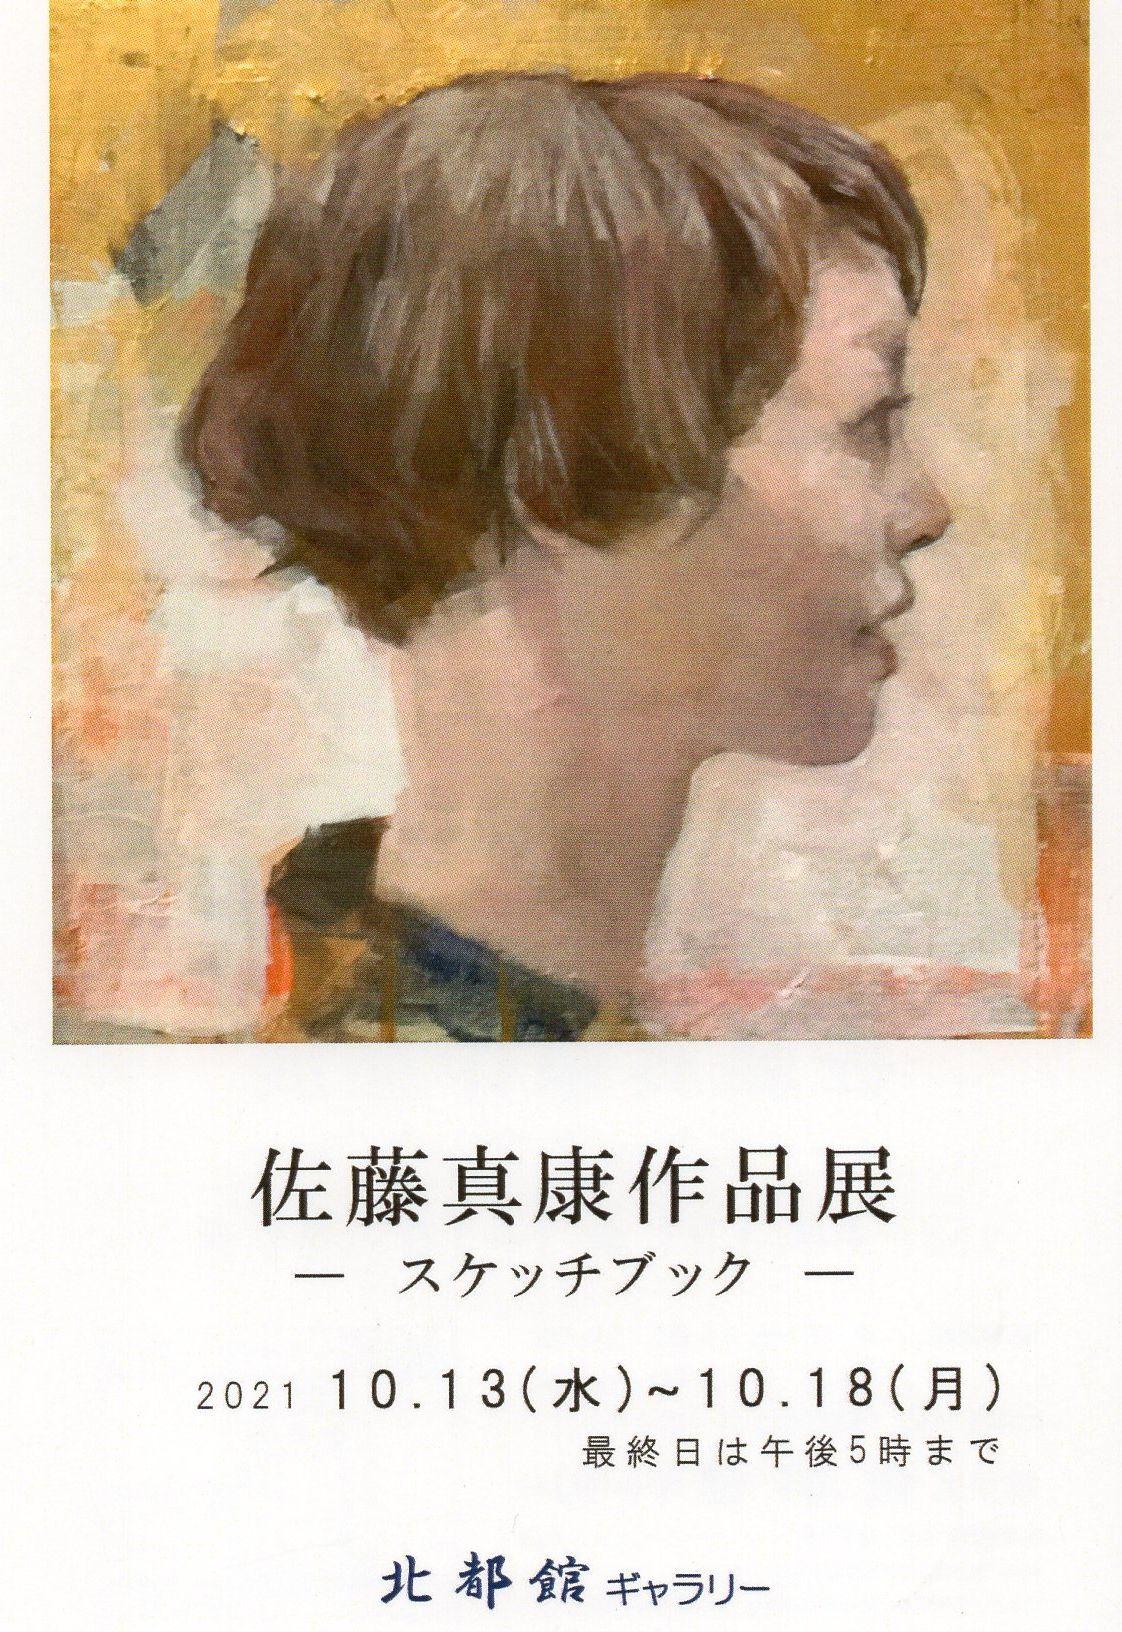 佐藤真康作品展-スケッチブック- イメージ画像